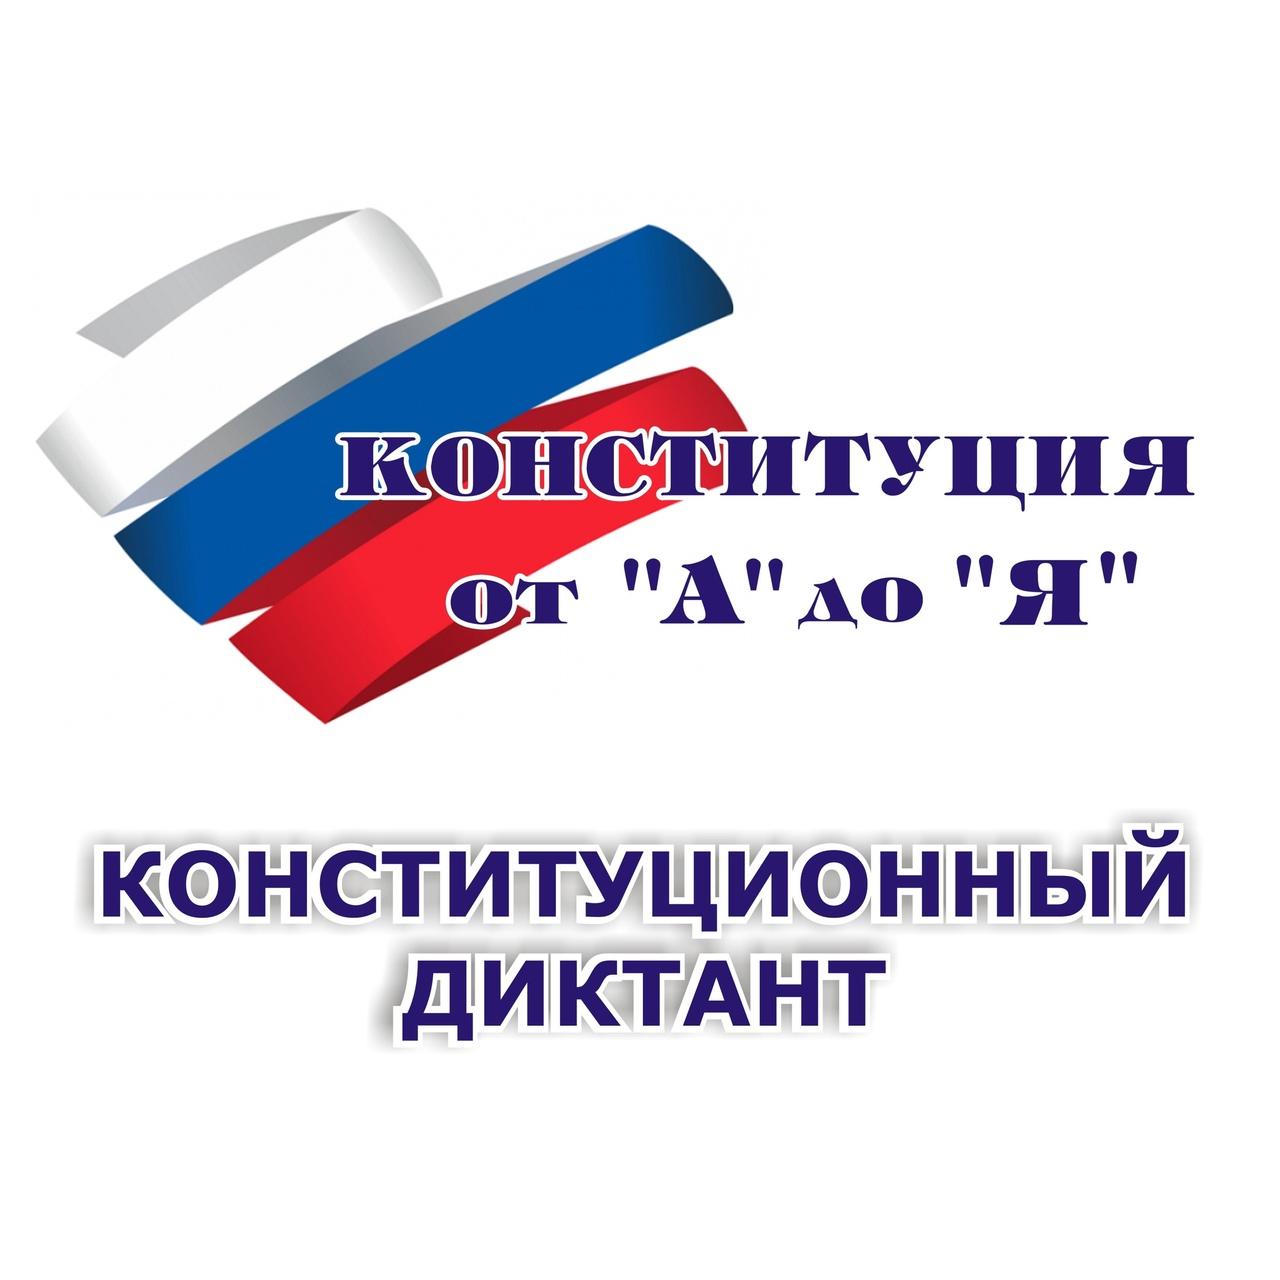 Конституционный диктант